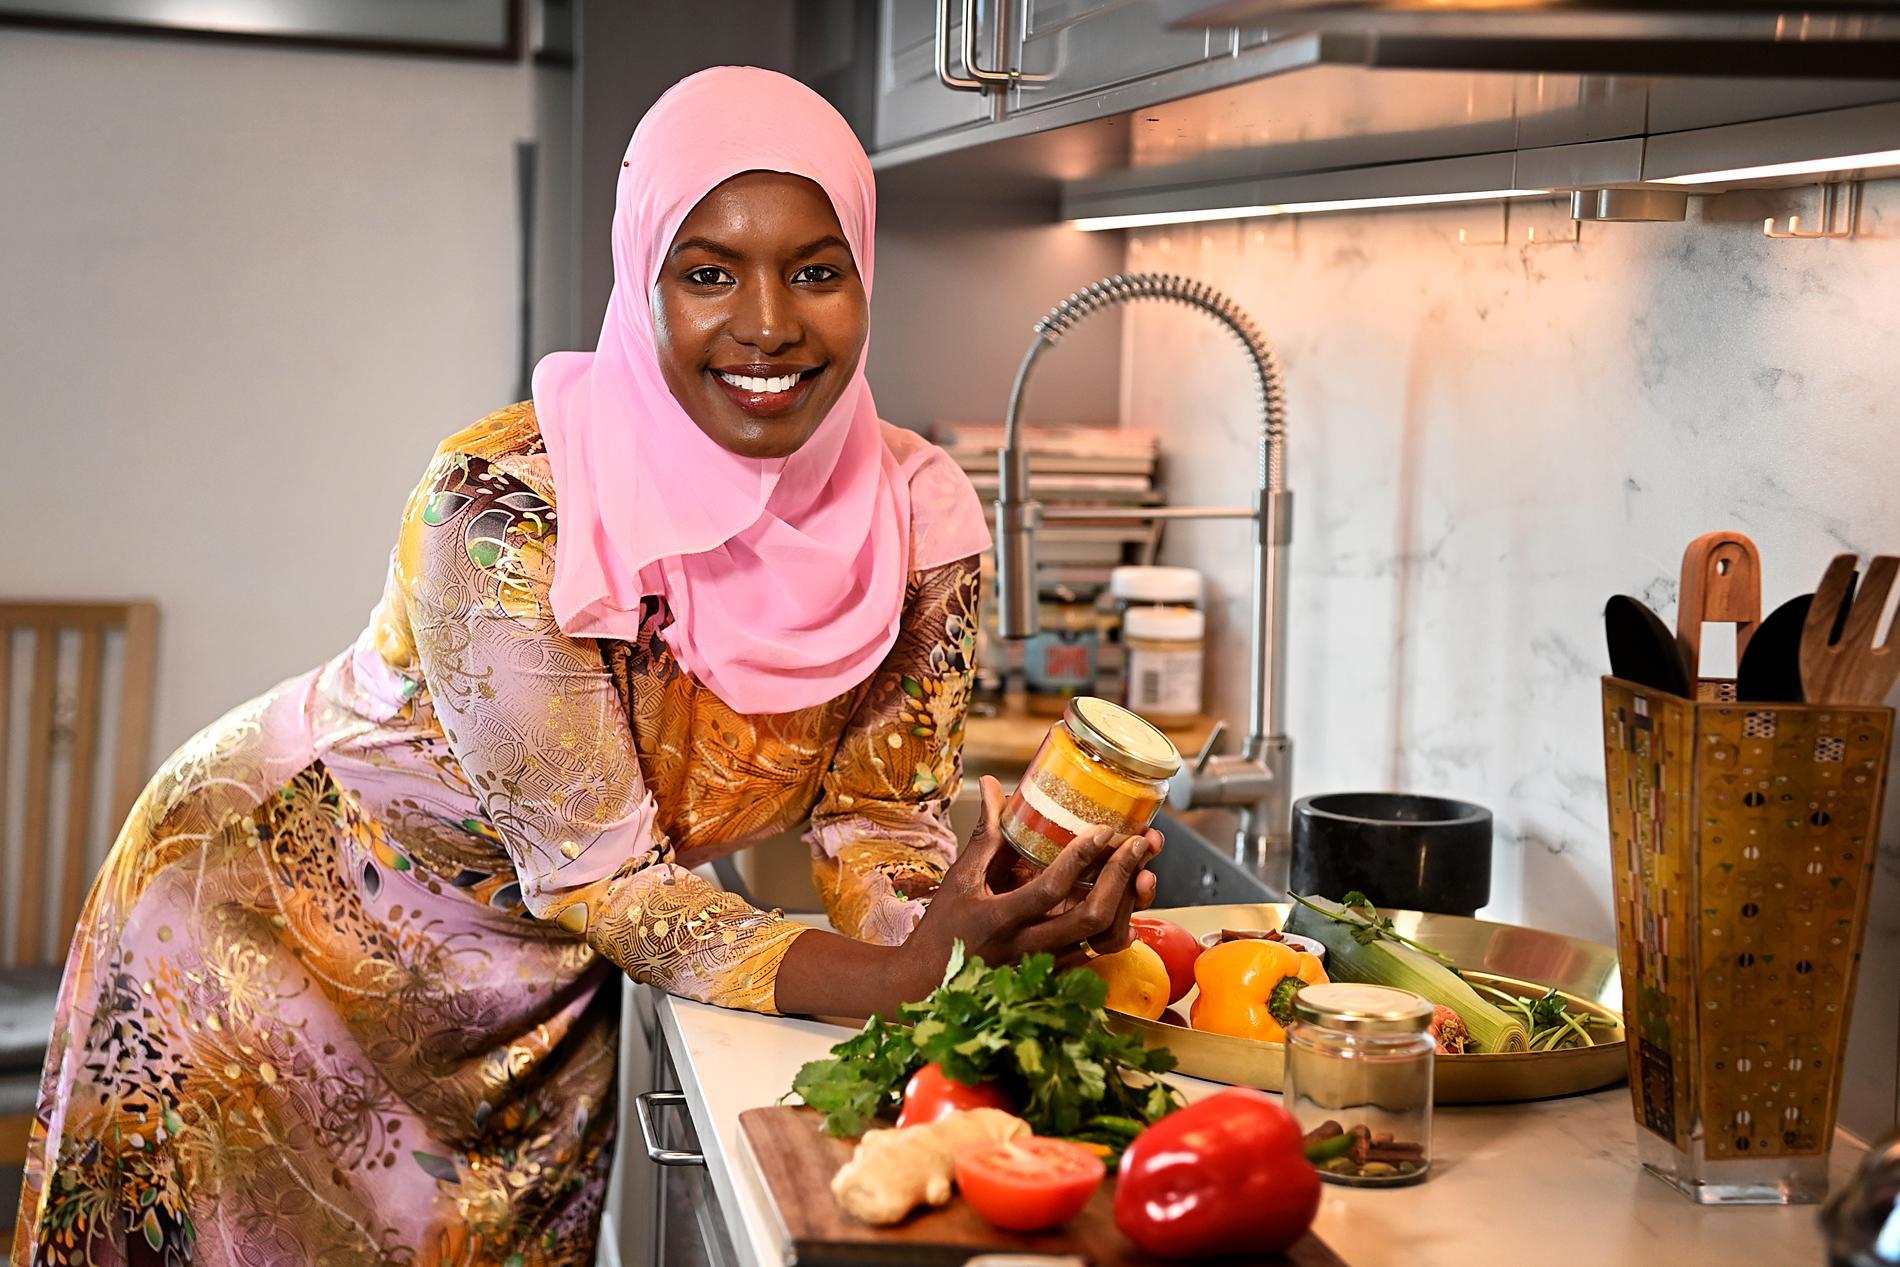 Det kök som ligger Khadija närmast om hjärtat är det somaliska.